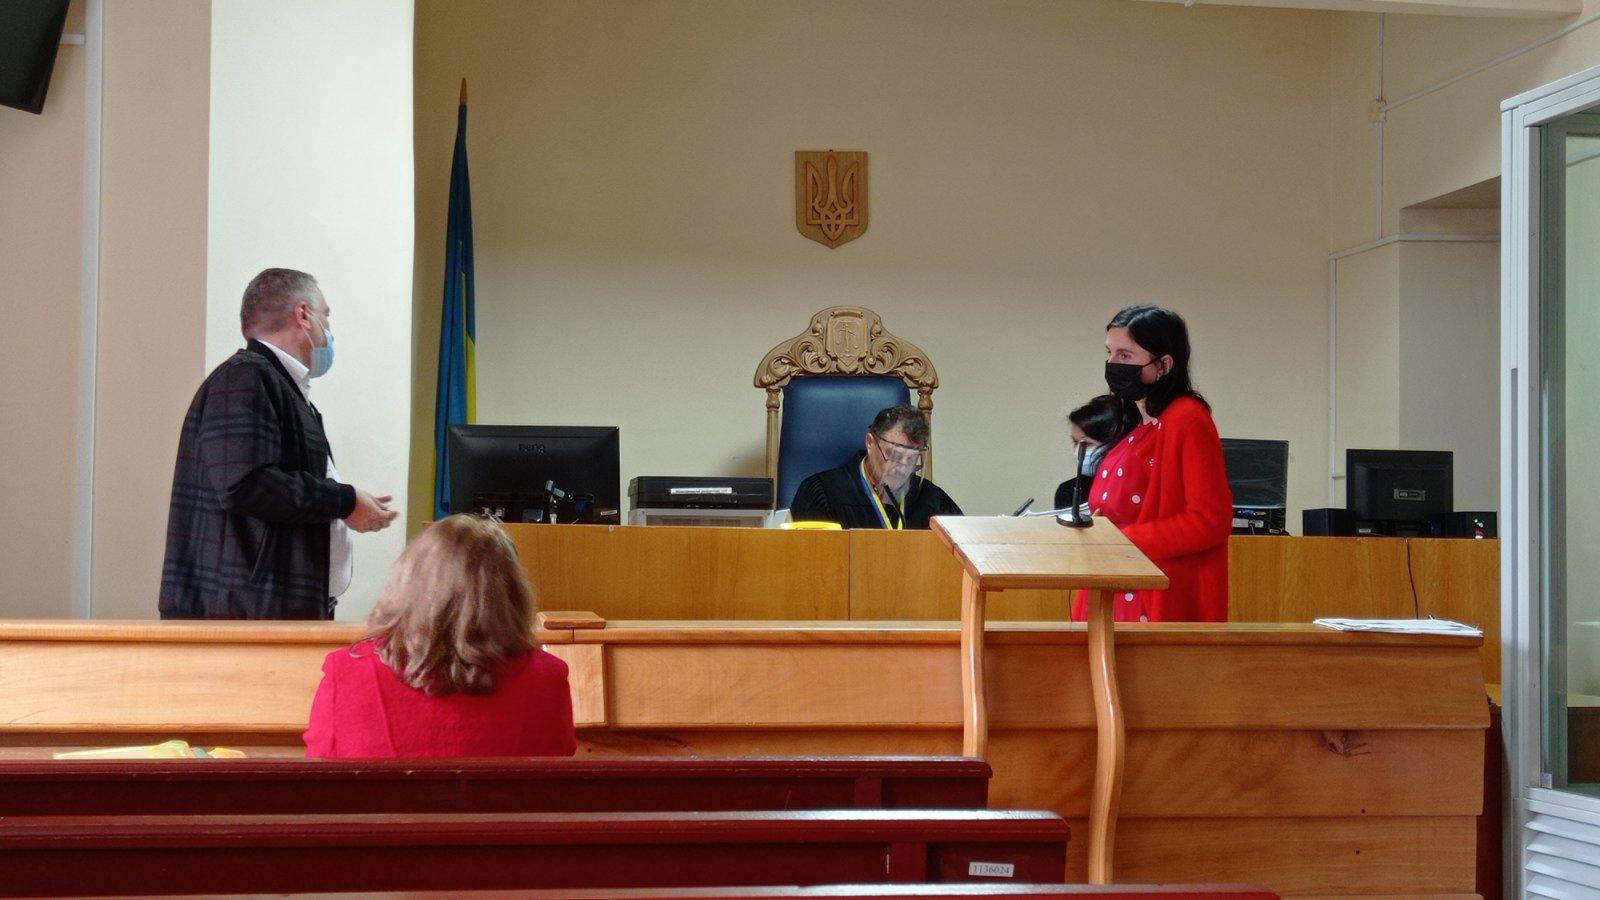 Міжгірський районний суд продовжує розгляд кримінальної справи щодо шахрайства у філії «Ощадбанку» на Закарпатті.